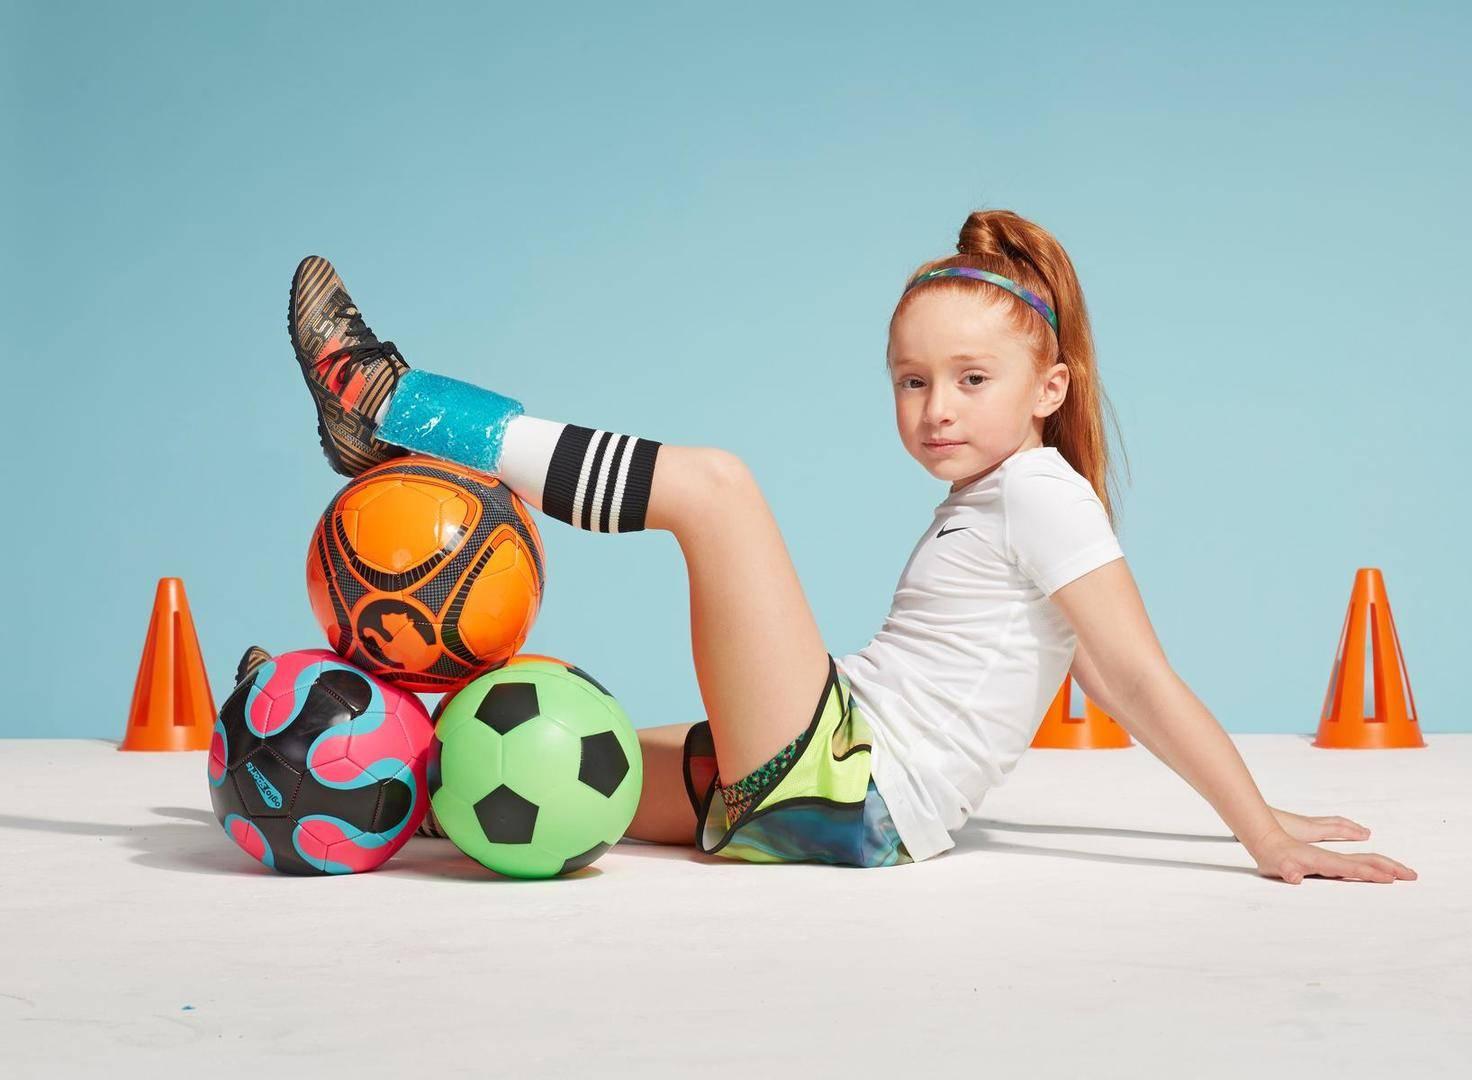 натъртване охлузване пъхрва помощ счупен крак деца